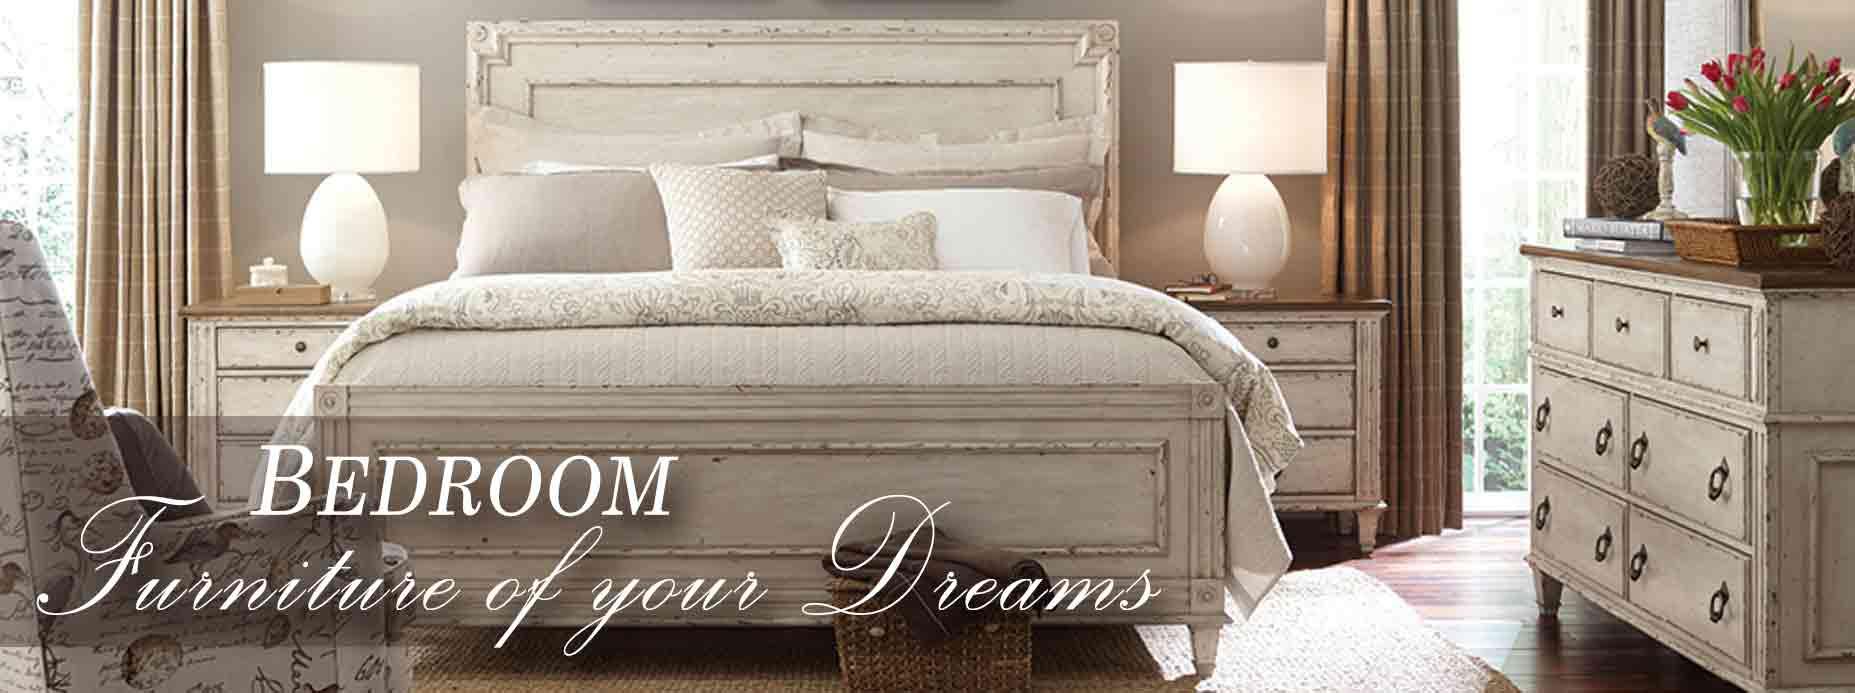 North Carolina Discount Furniture Stores offer Brand Name Furniture ...